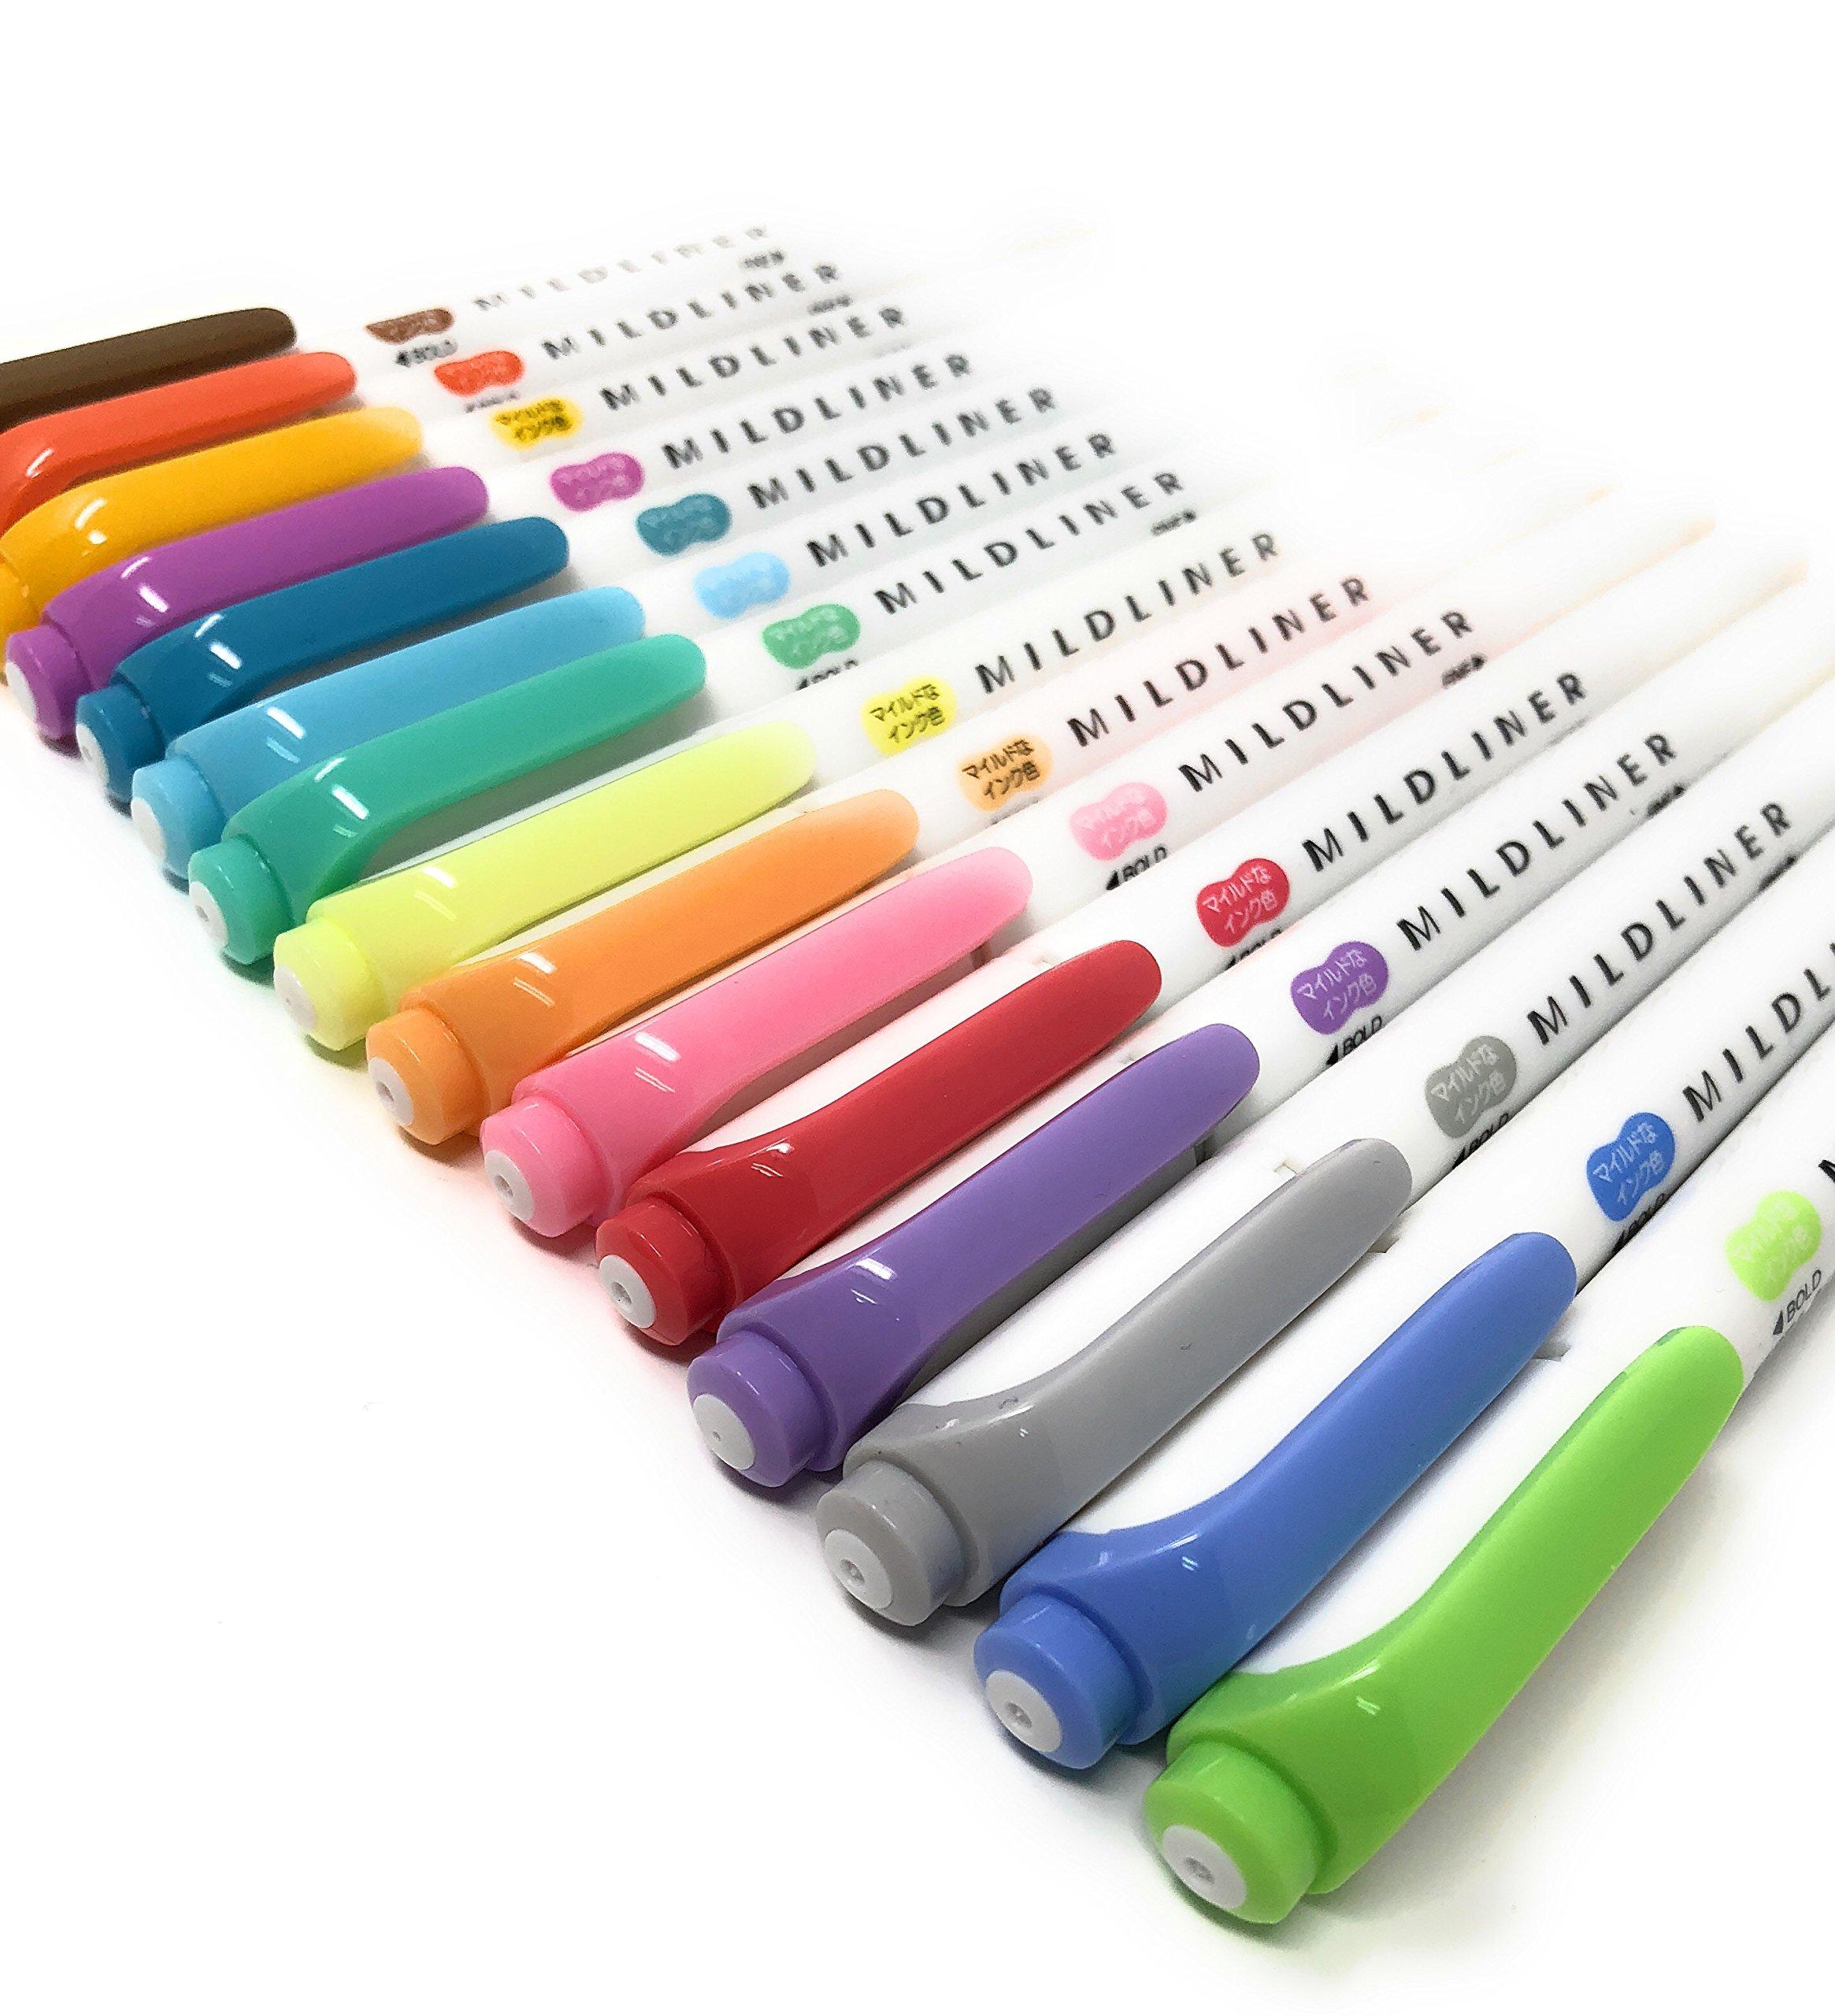 Zebra MILDLINER WKT7-5C (5-Color Set) / WKT7-5C-RC (5-Color Set) /WKT7-5C-NC (5-Color Set)3 pack With original pen case by Lupi Lupi (Image #4)